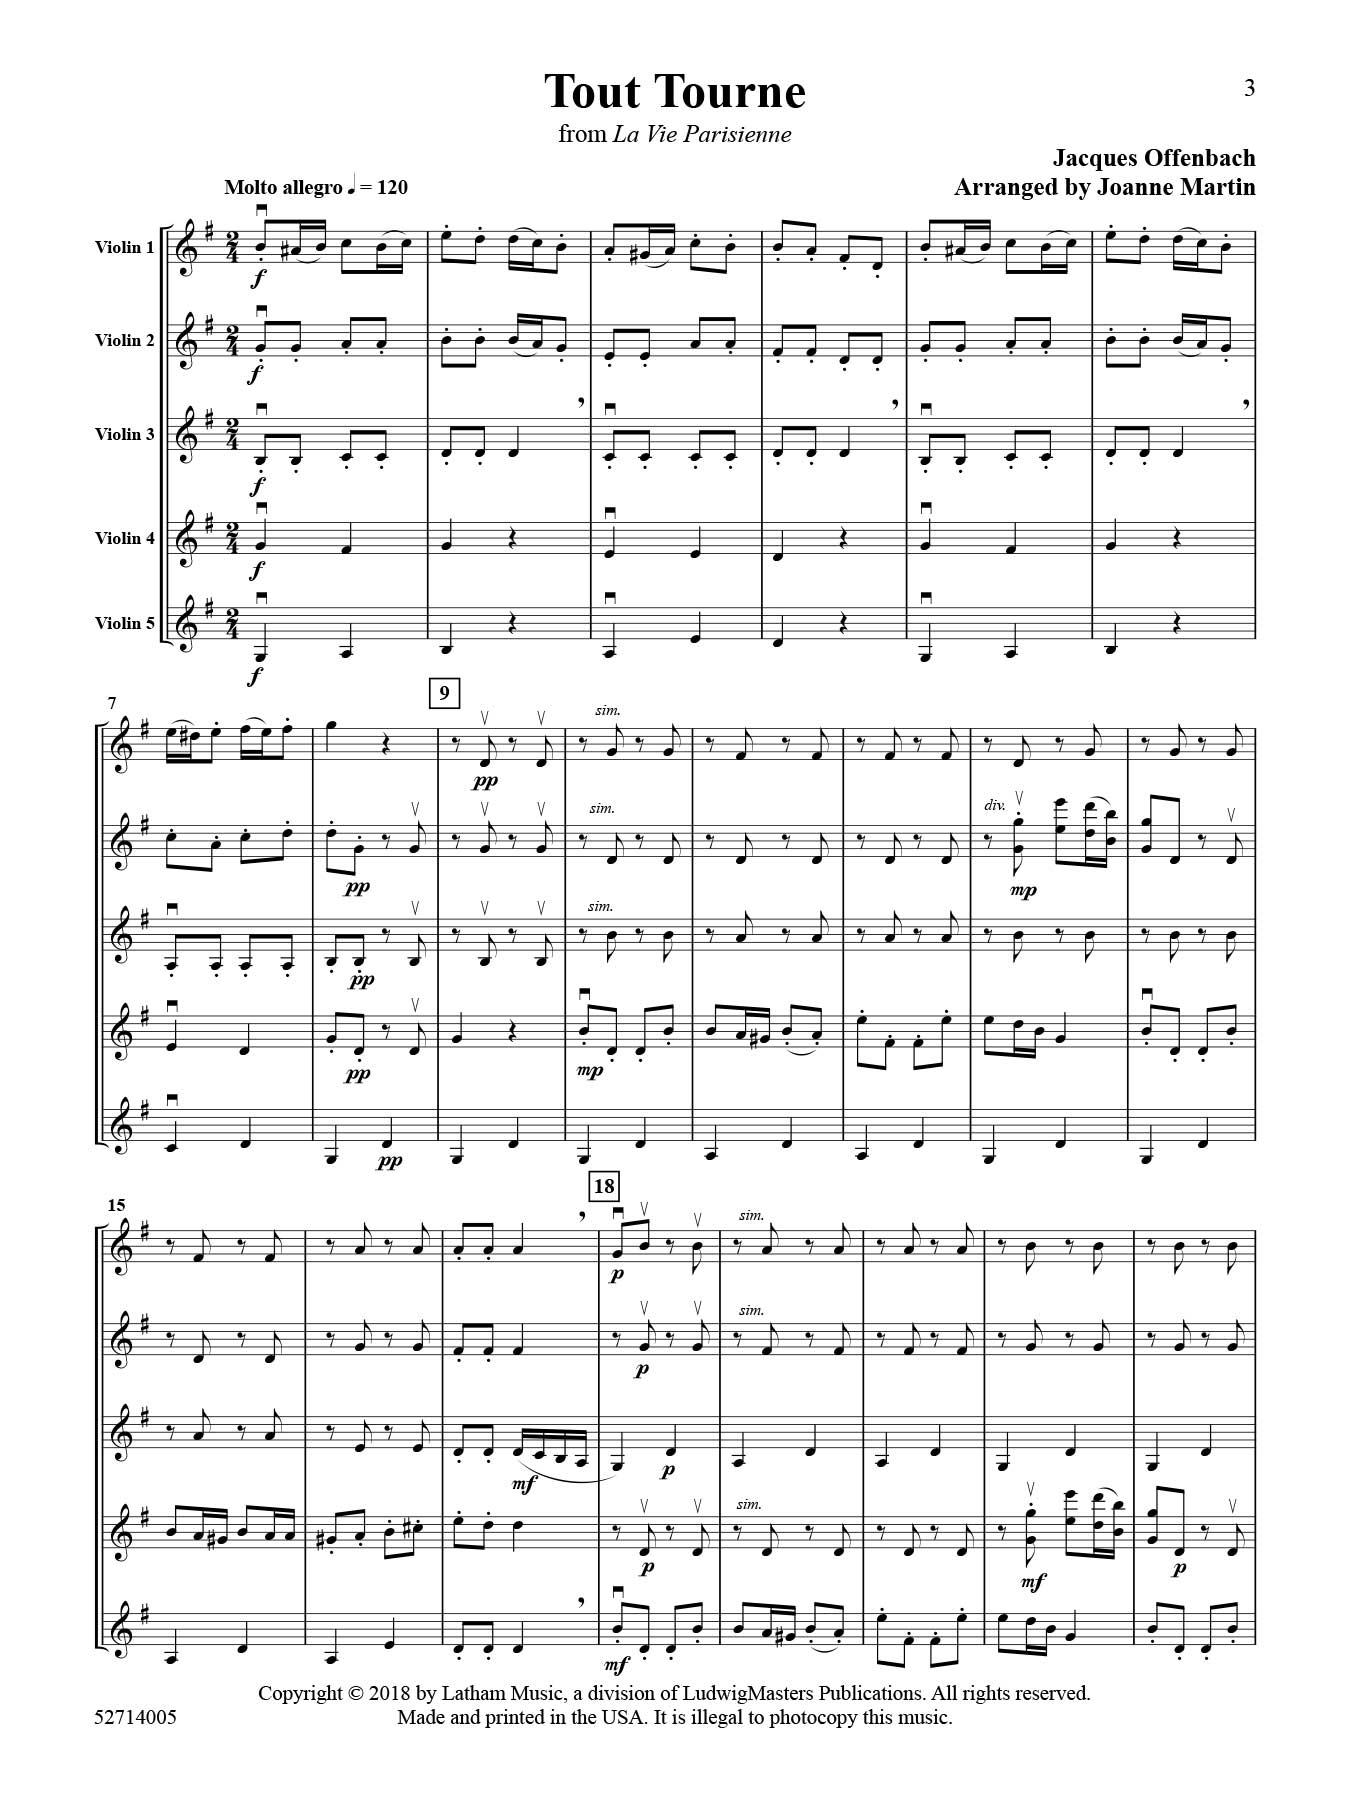 tout-tourne-violin-quintet-score.jpg